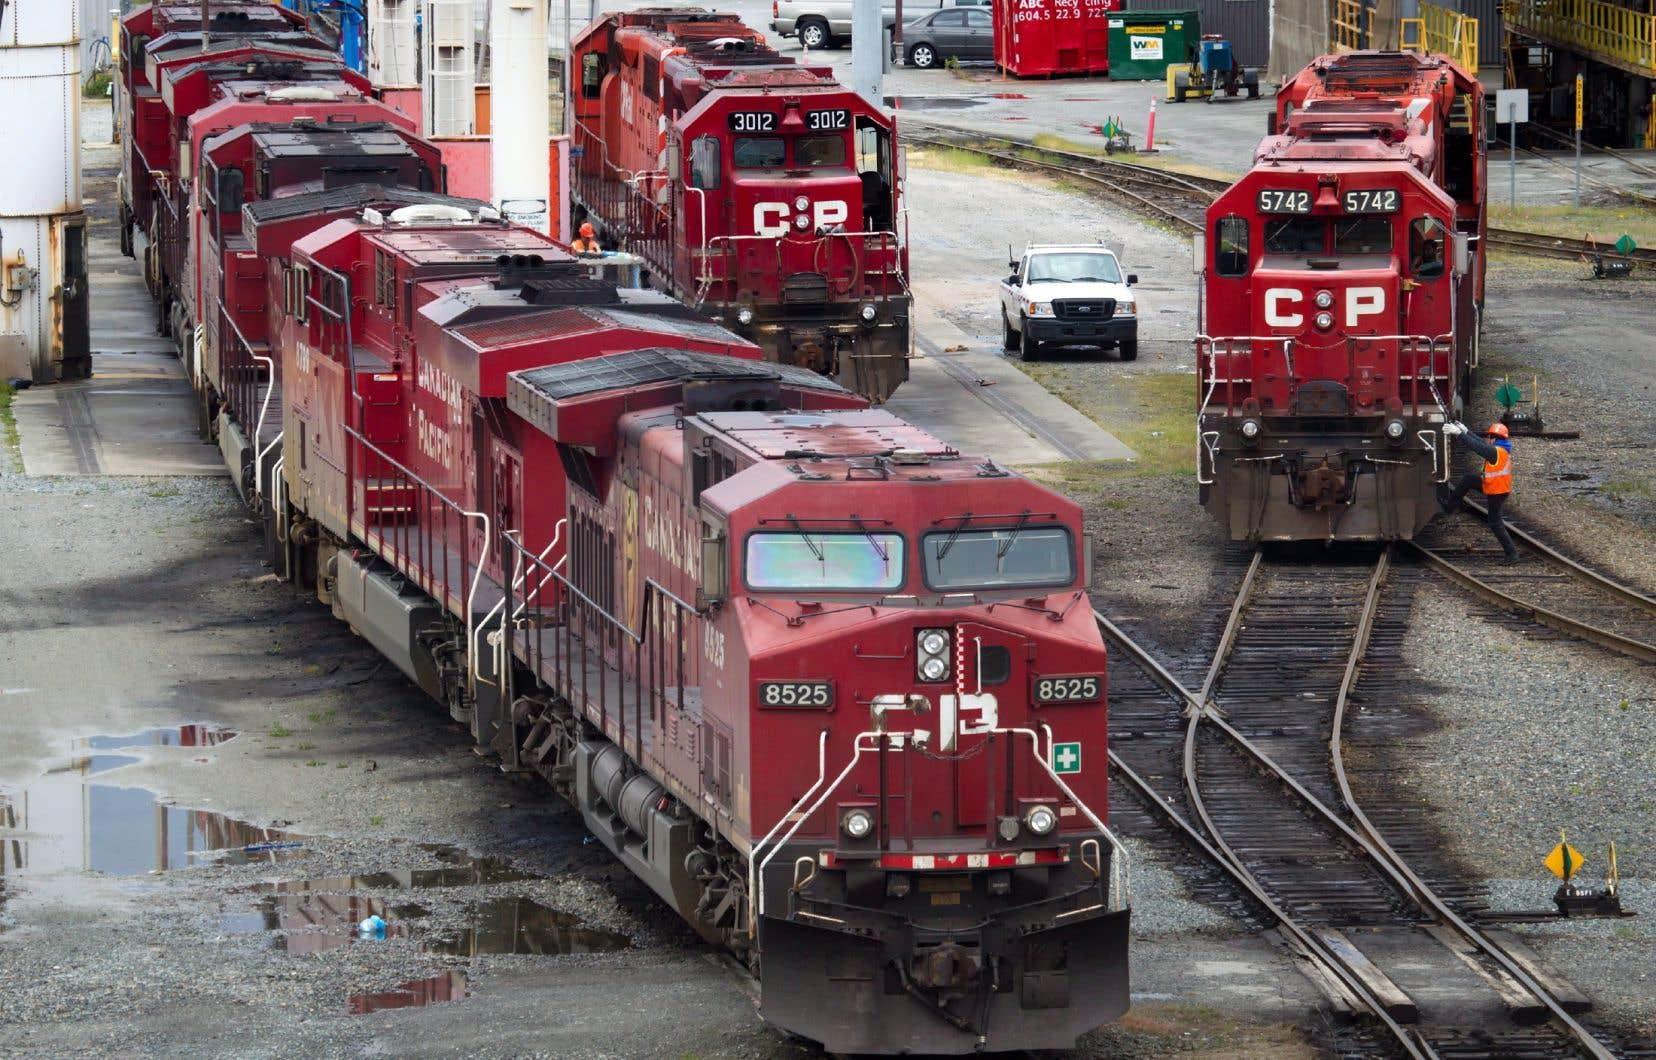 La semaine dernière, le nombre de wagons pleins a chuté de plus de 17% par rapport à l'année dernière.